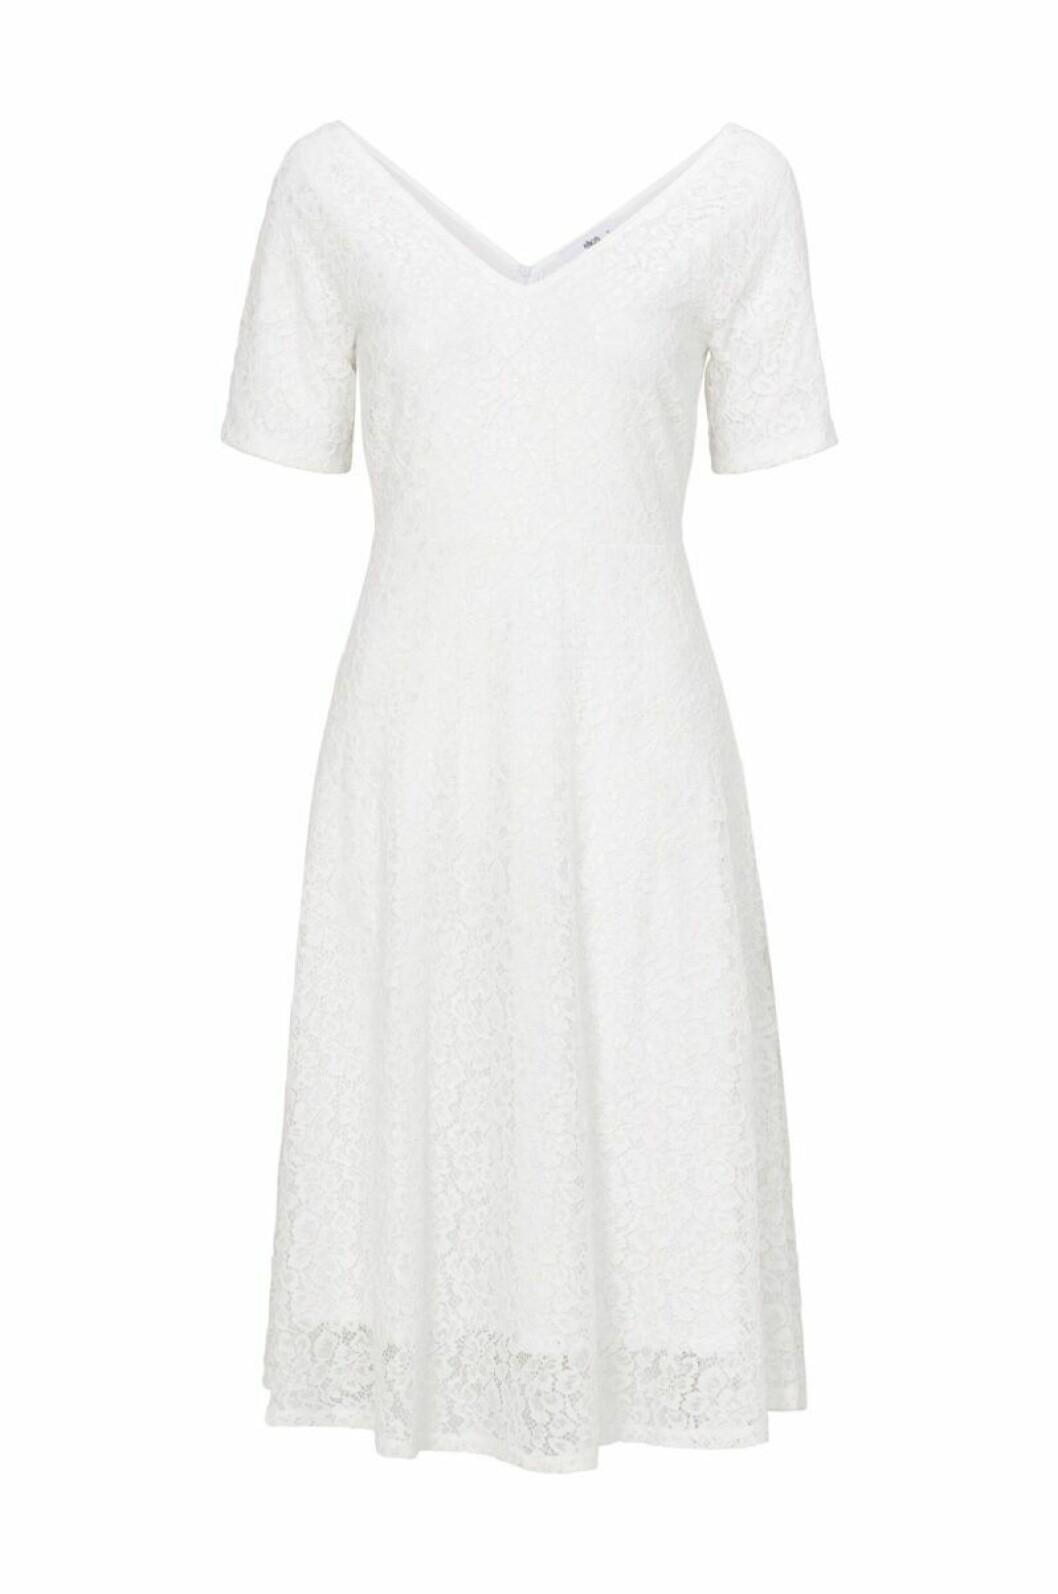 Vit brudklänning i medellång modell